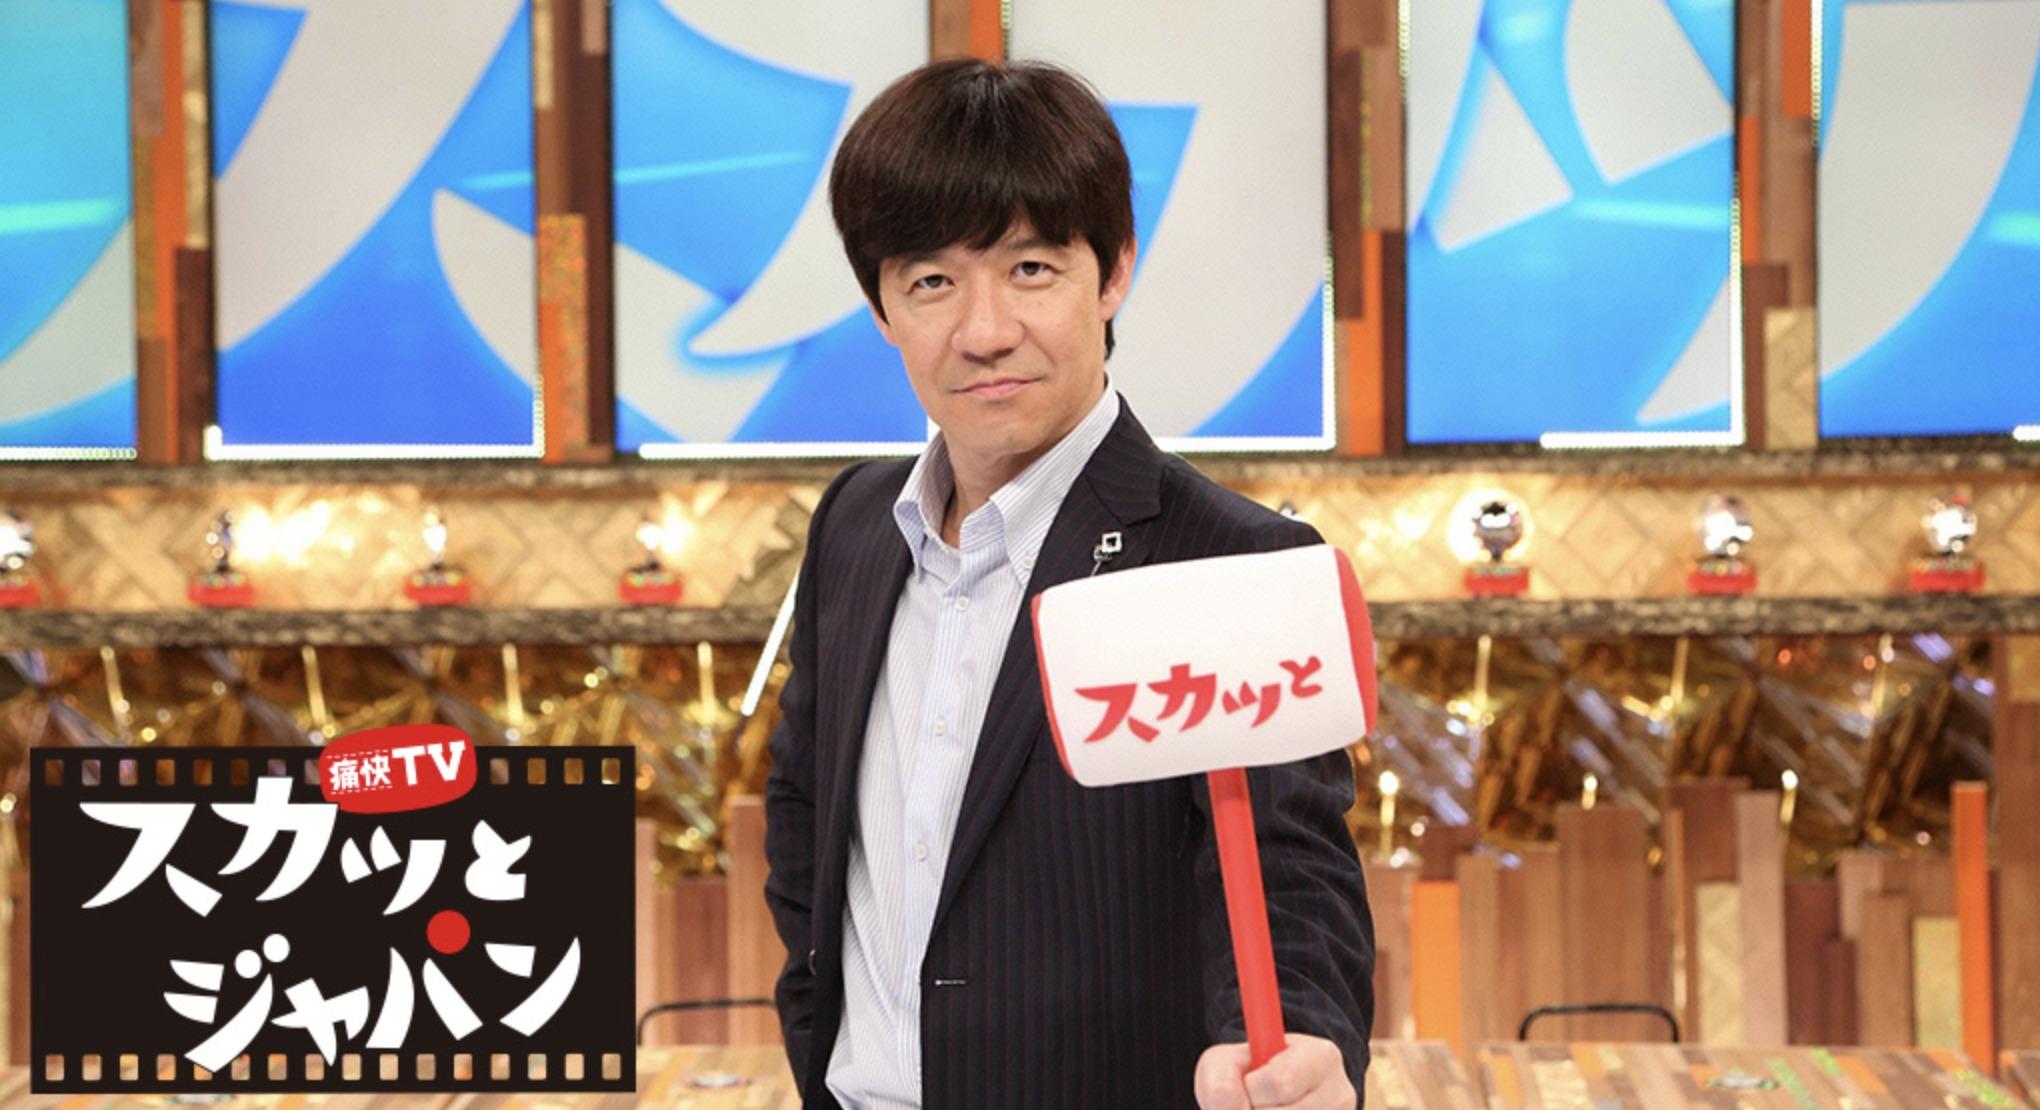 スカッとジャパン(永瀬廉)8月10日の無料動画や見逃し配信をフル視聴する方法!